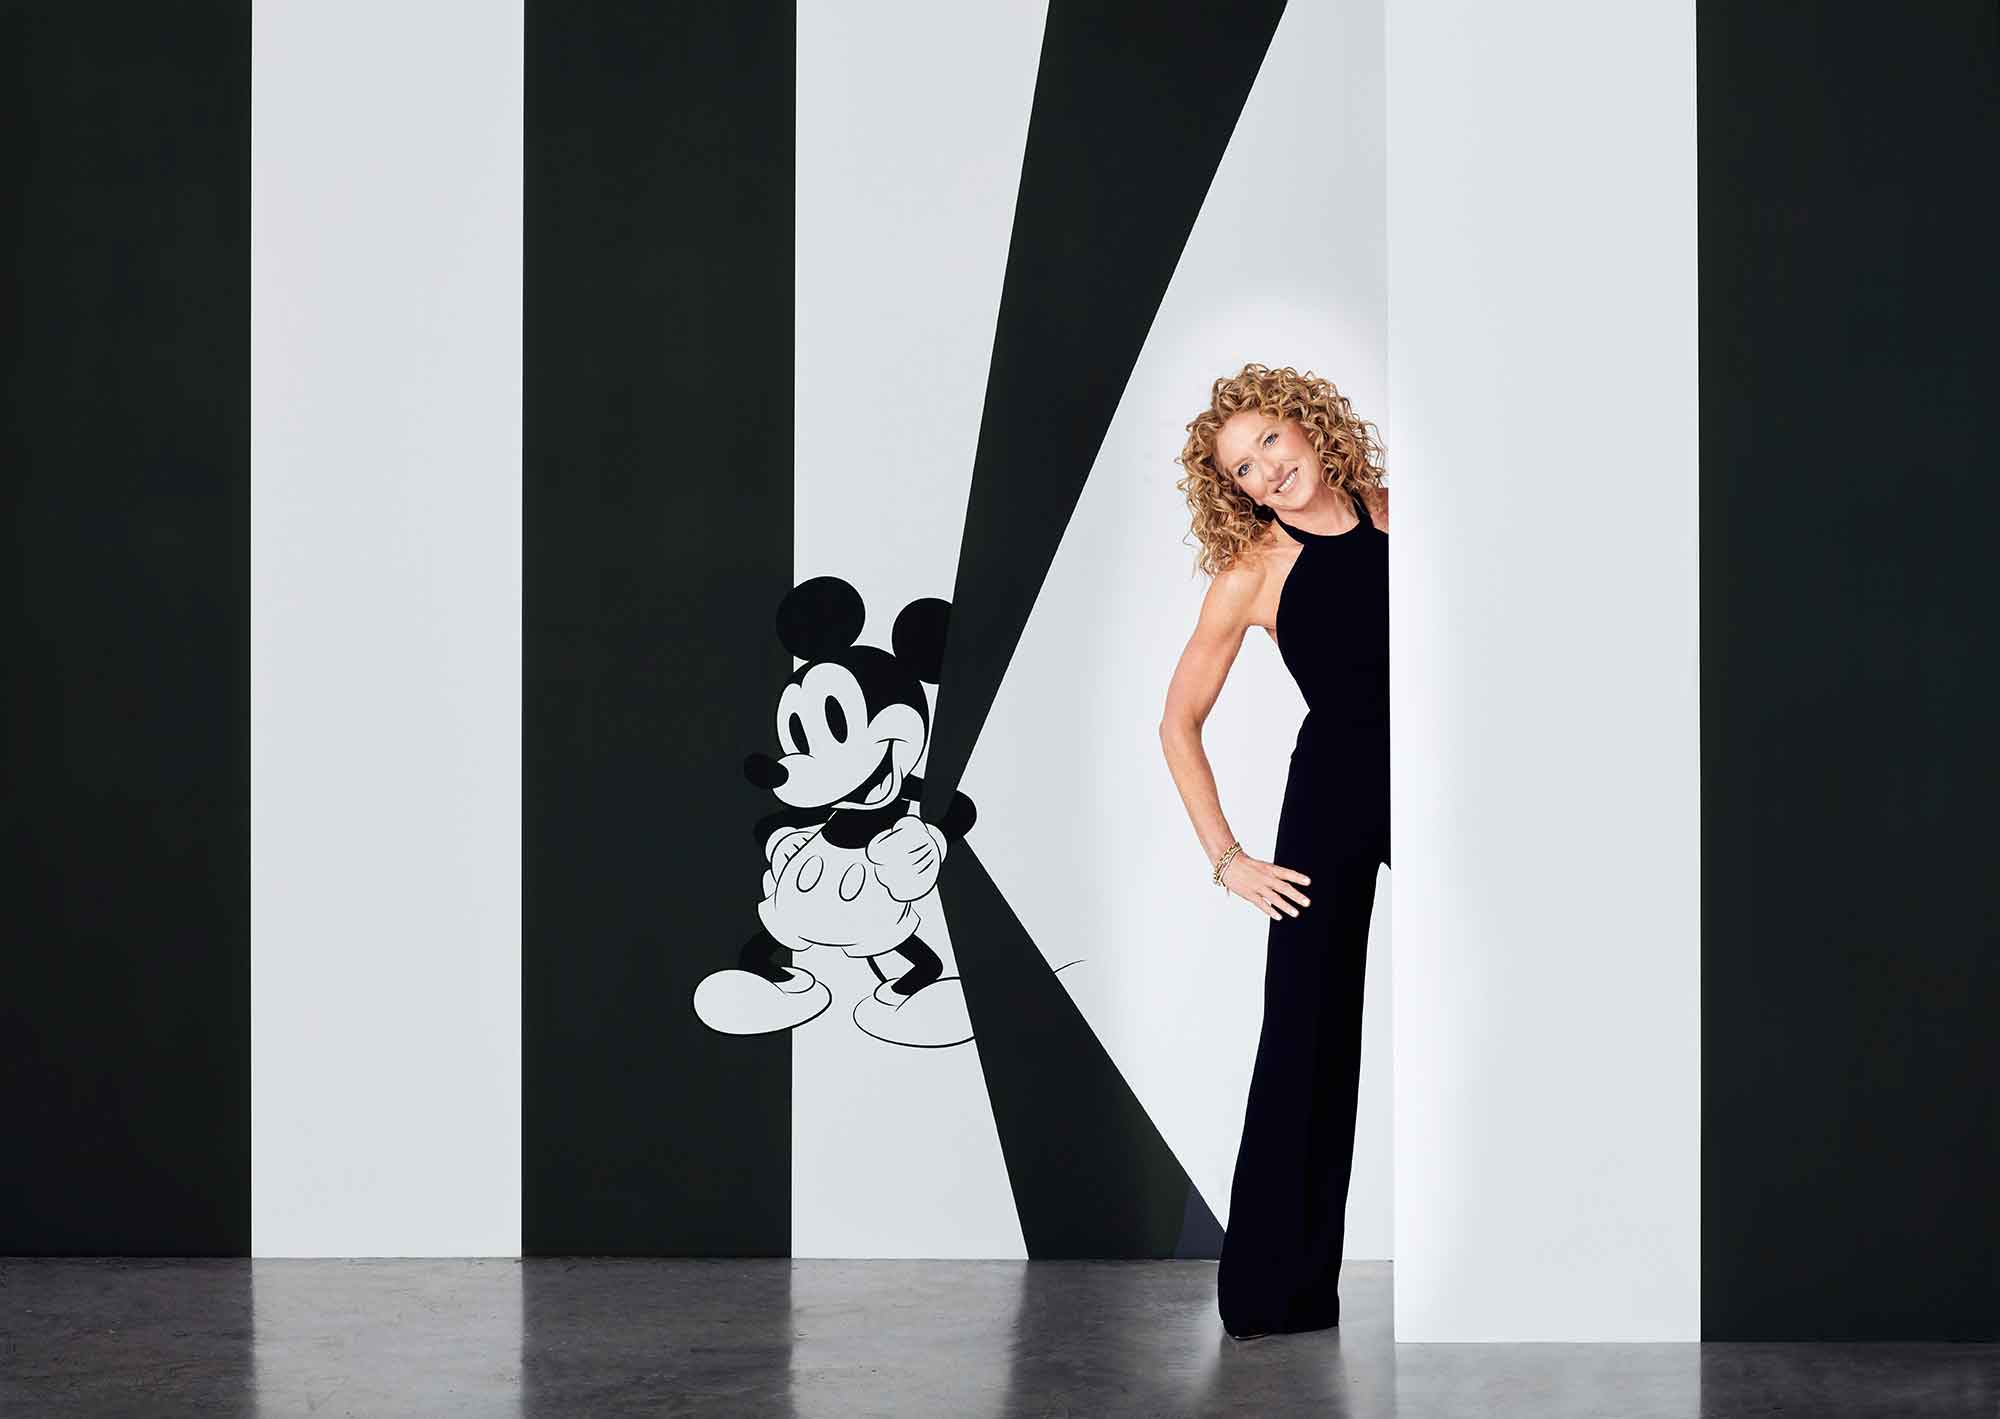 Micky Maus-Kollektion von Kelly Hoppen – formfaktor